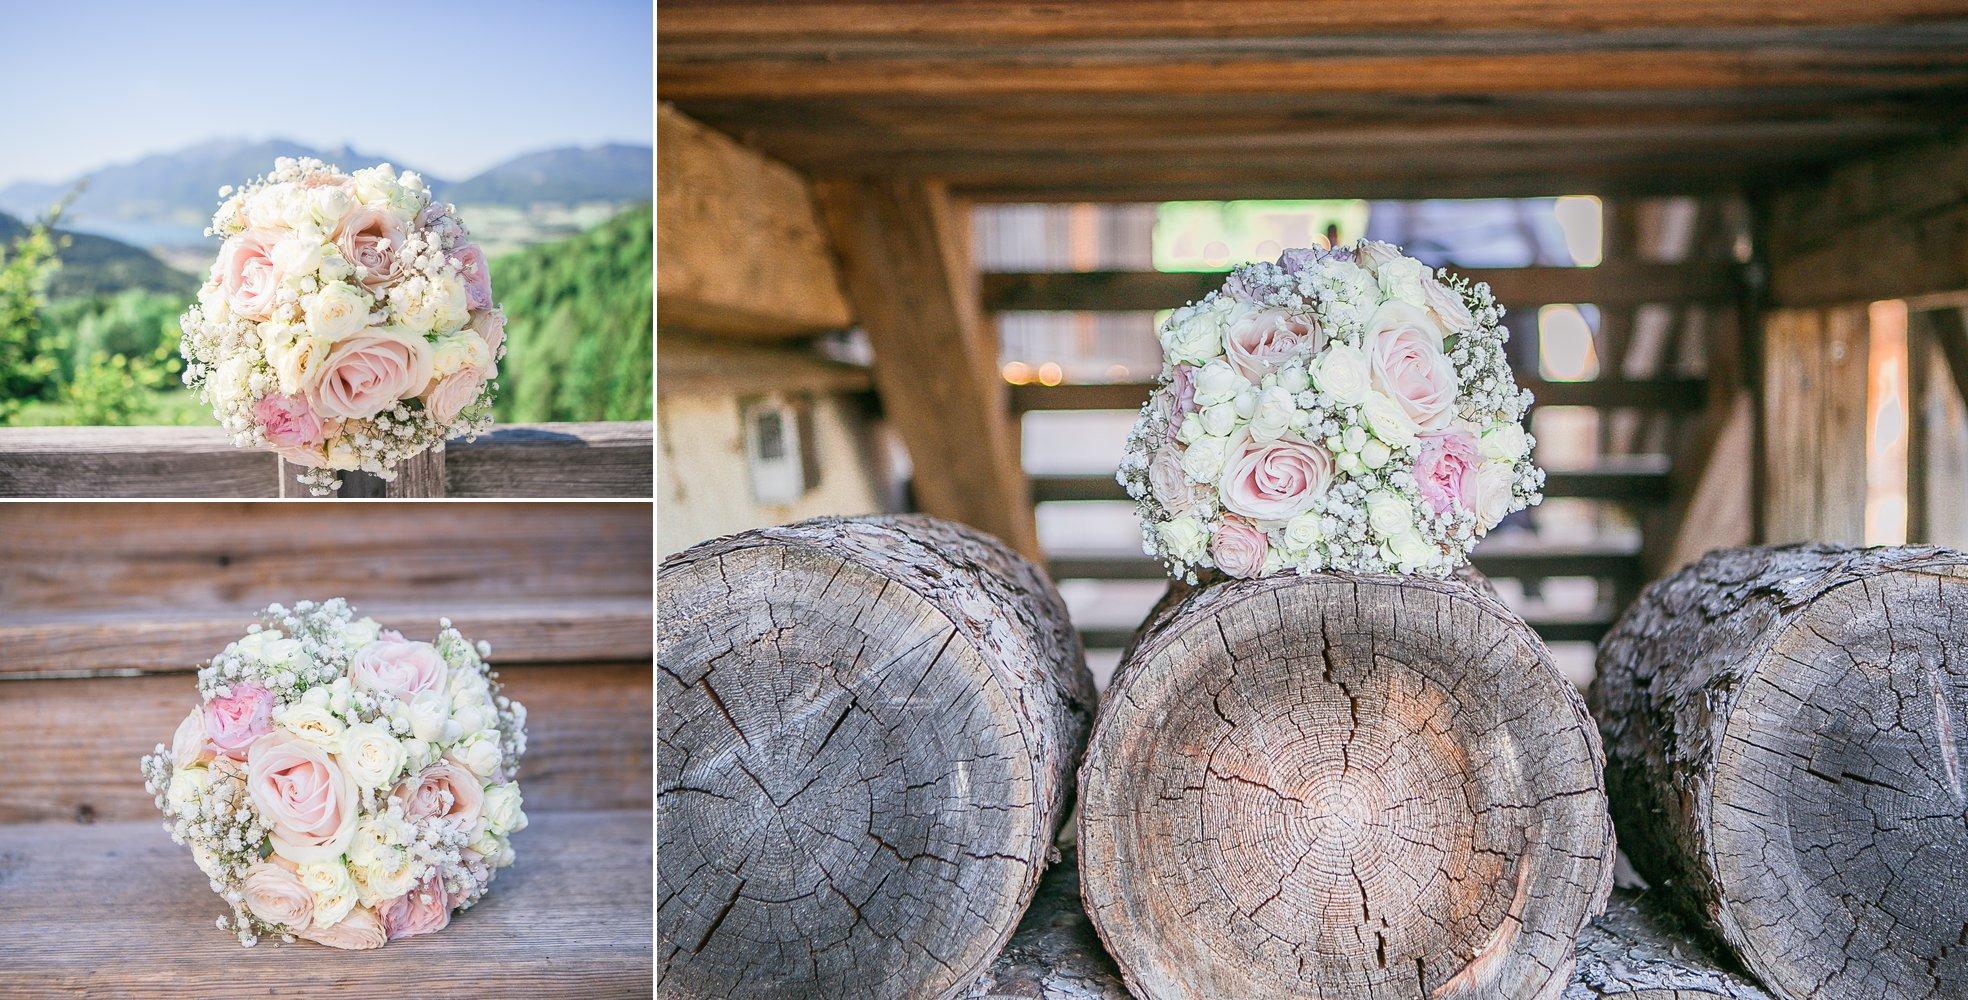 Vada creations wedding